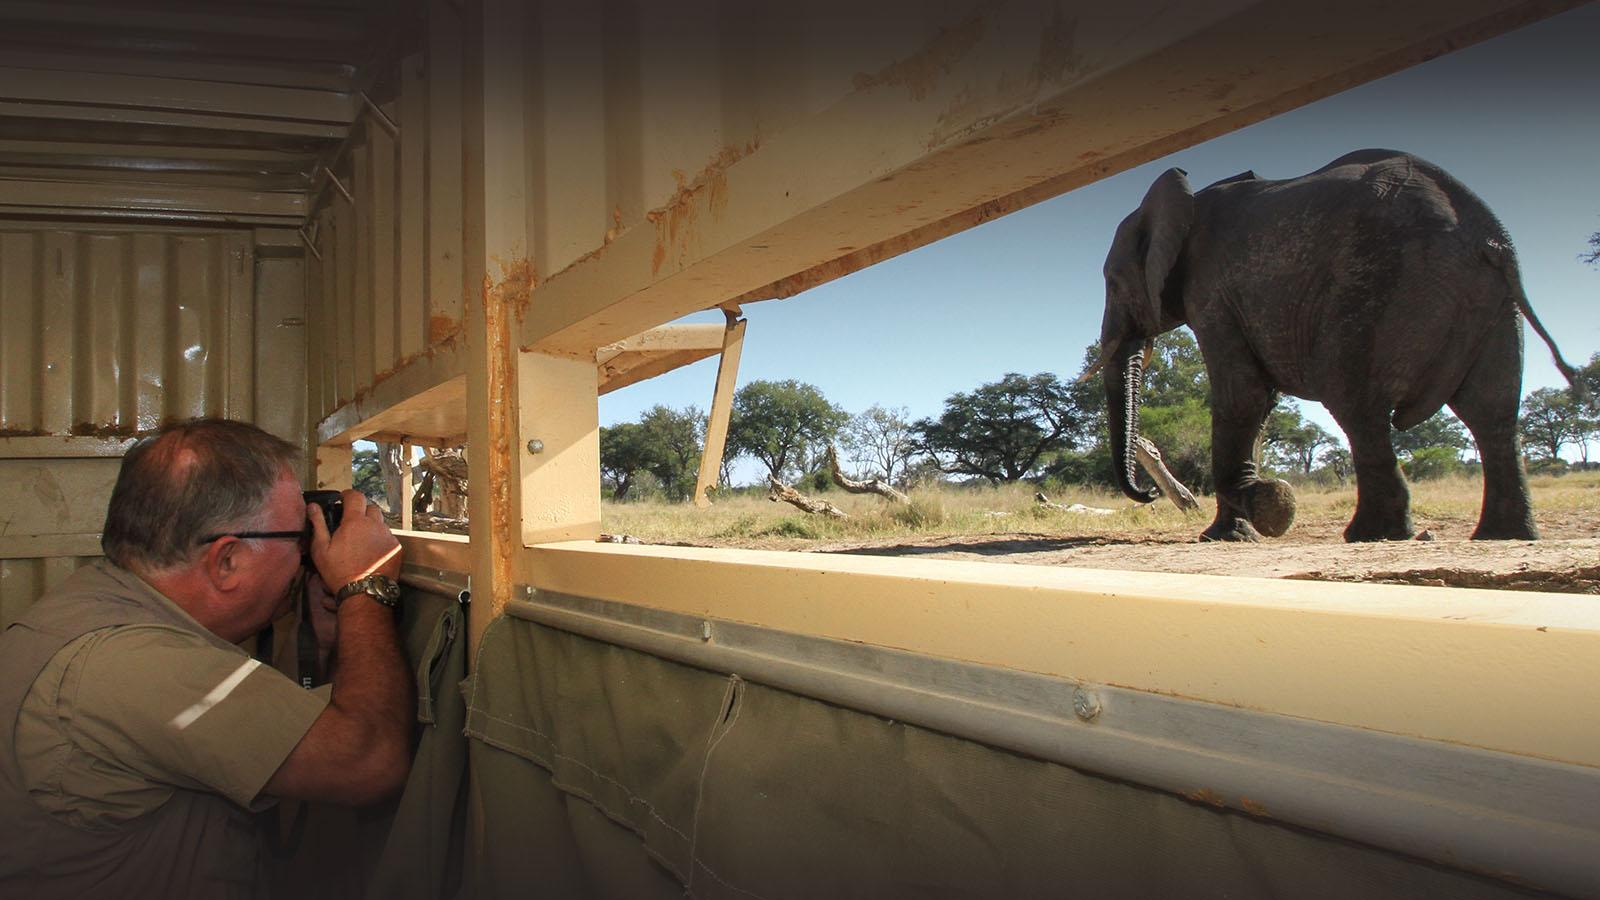 jozibanini camp hwange-national-park-zimbabwe-lodges-rustic-safaris-hide